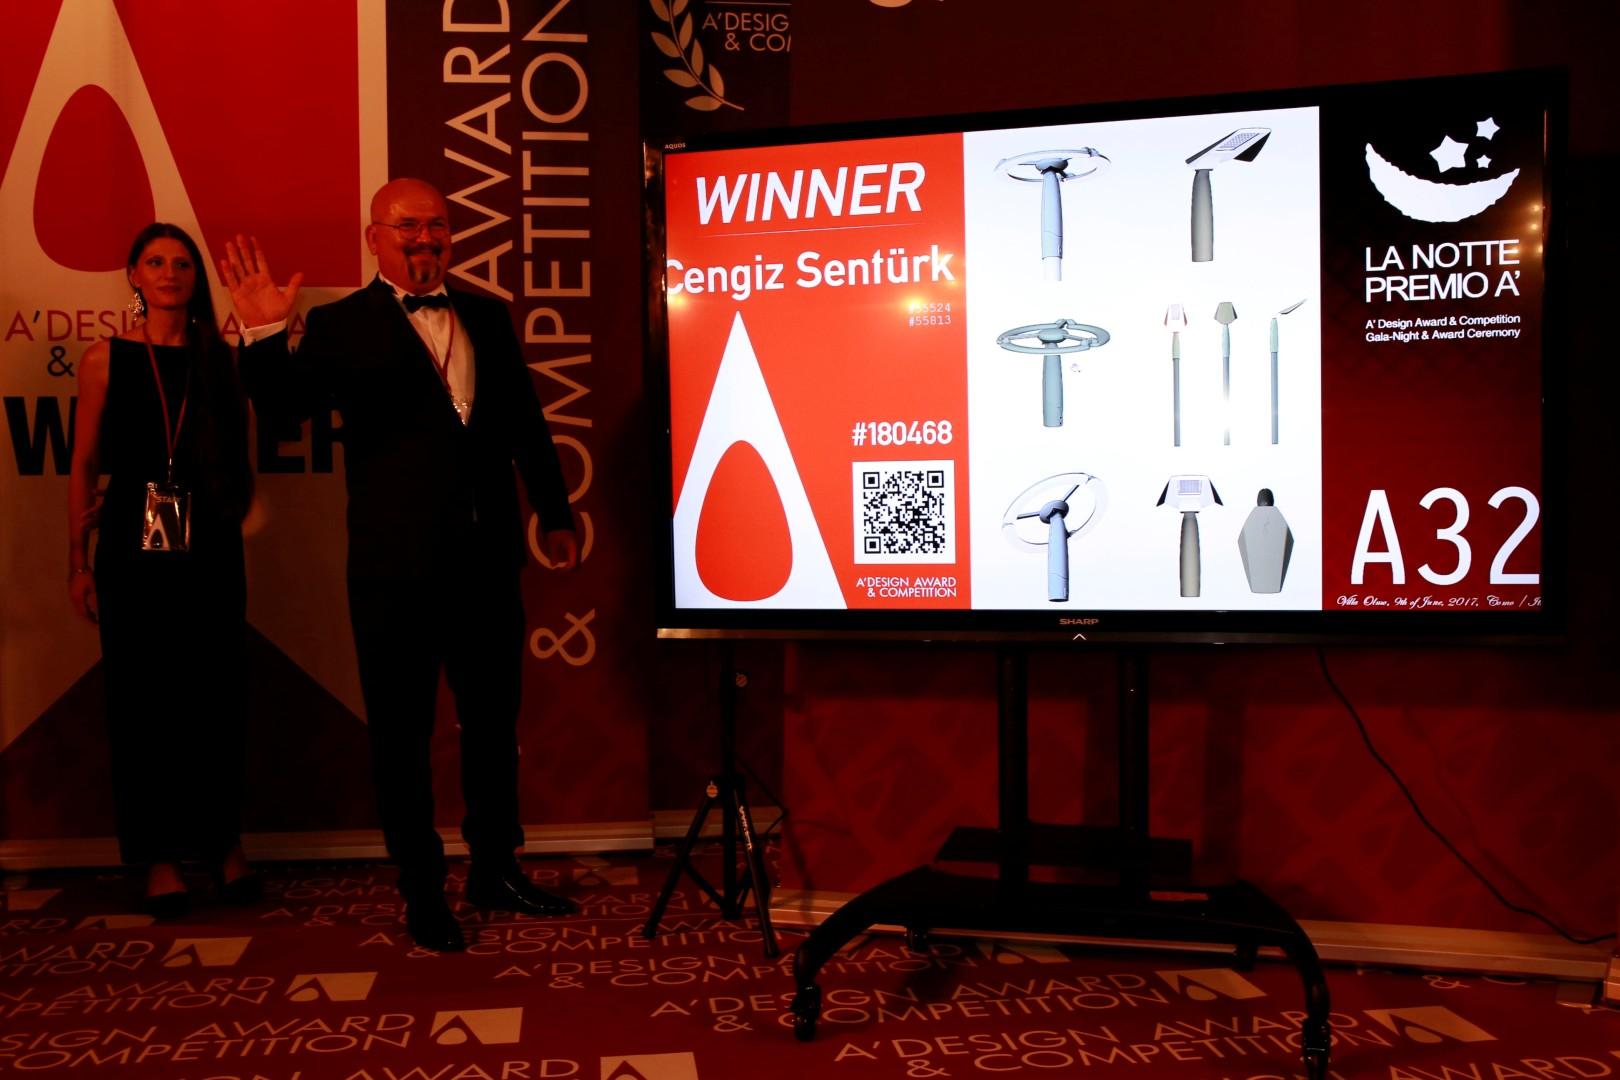 FİBERLİ'ye A'DESIGN tasarım ödülü!